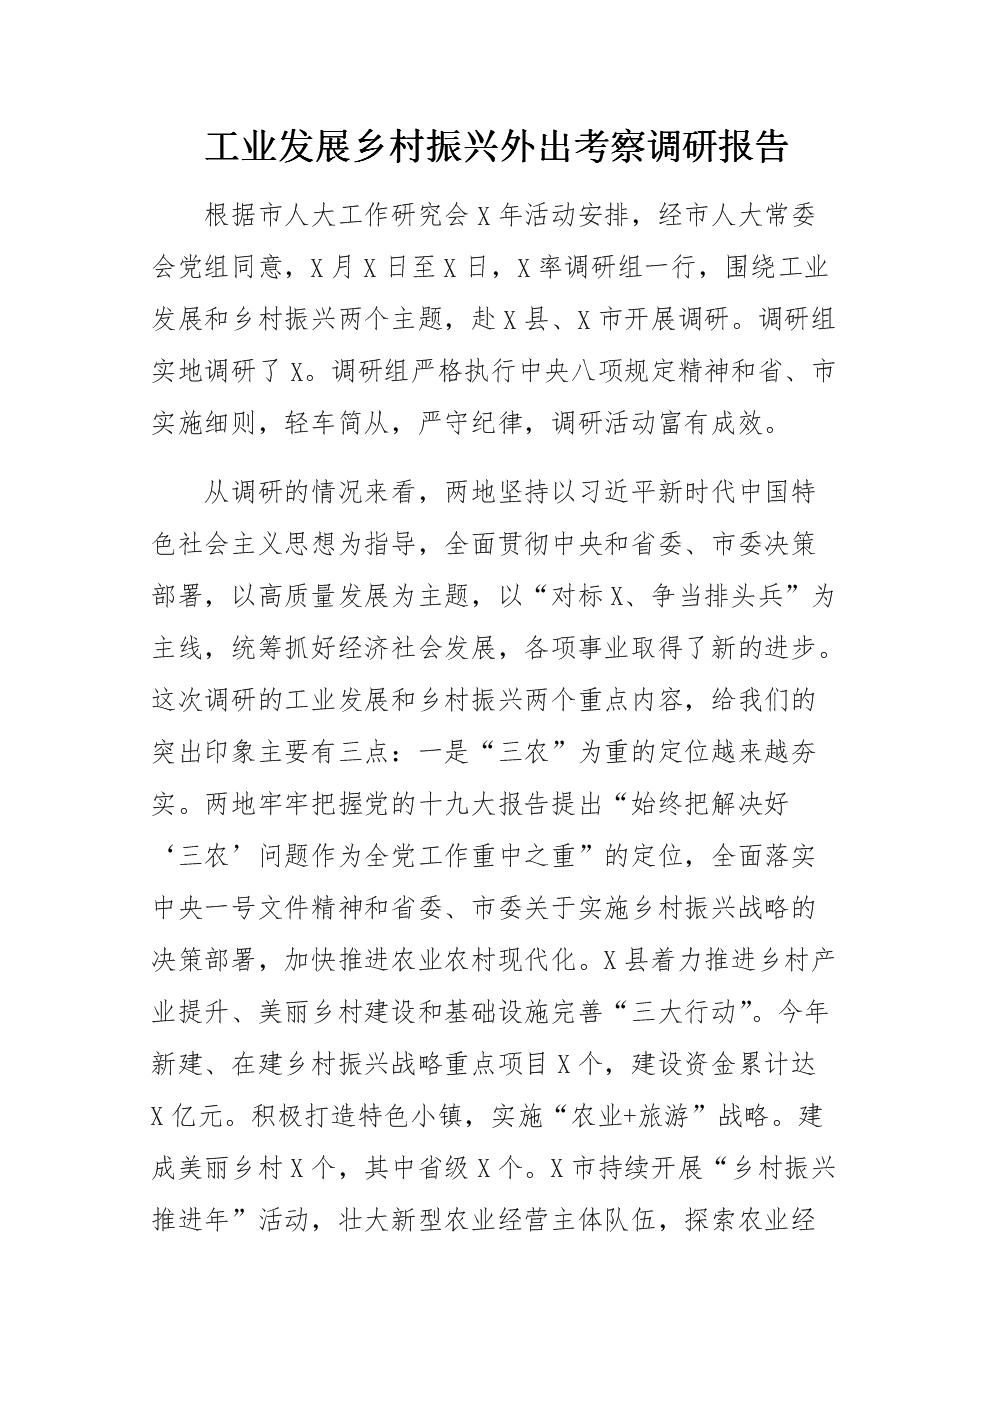 工业发展乡村振兴外出考察调研报告.docx